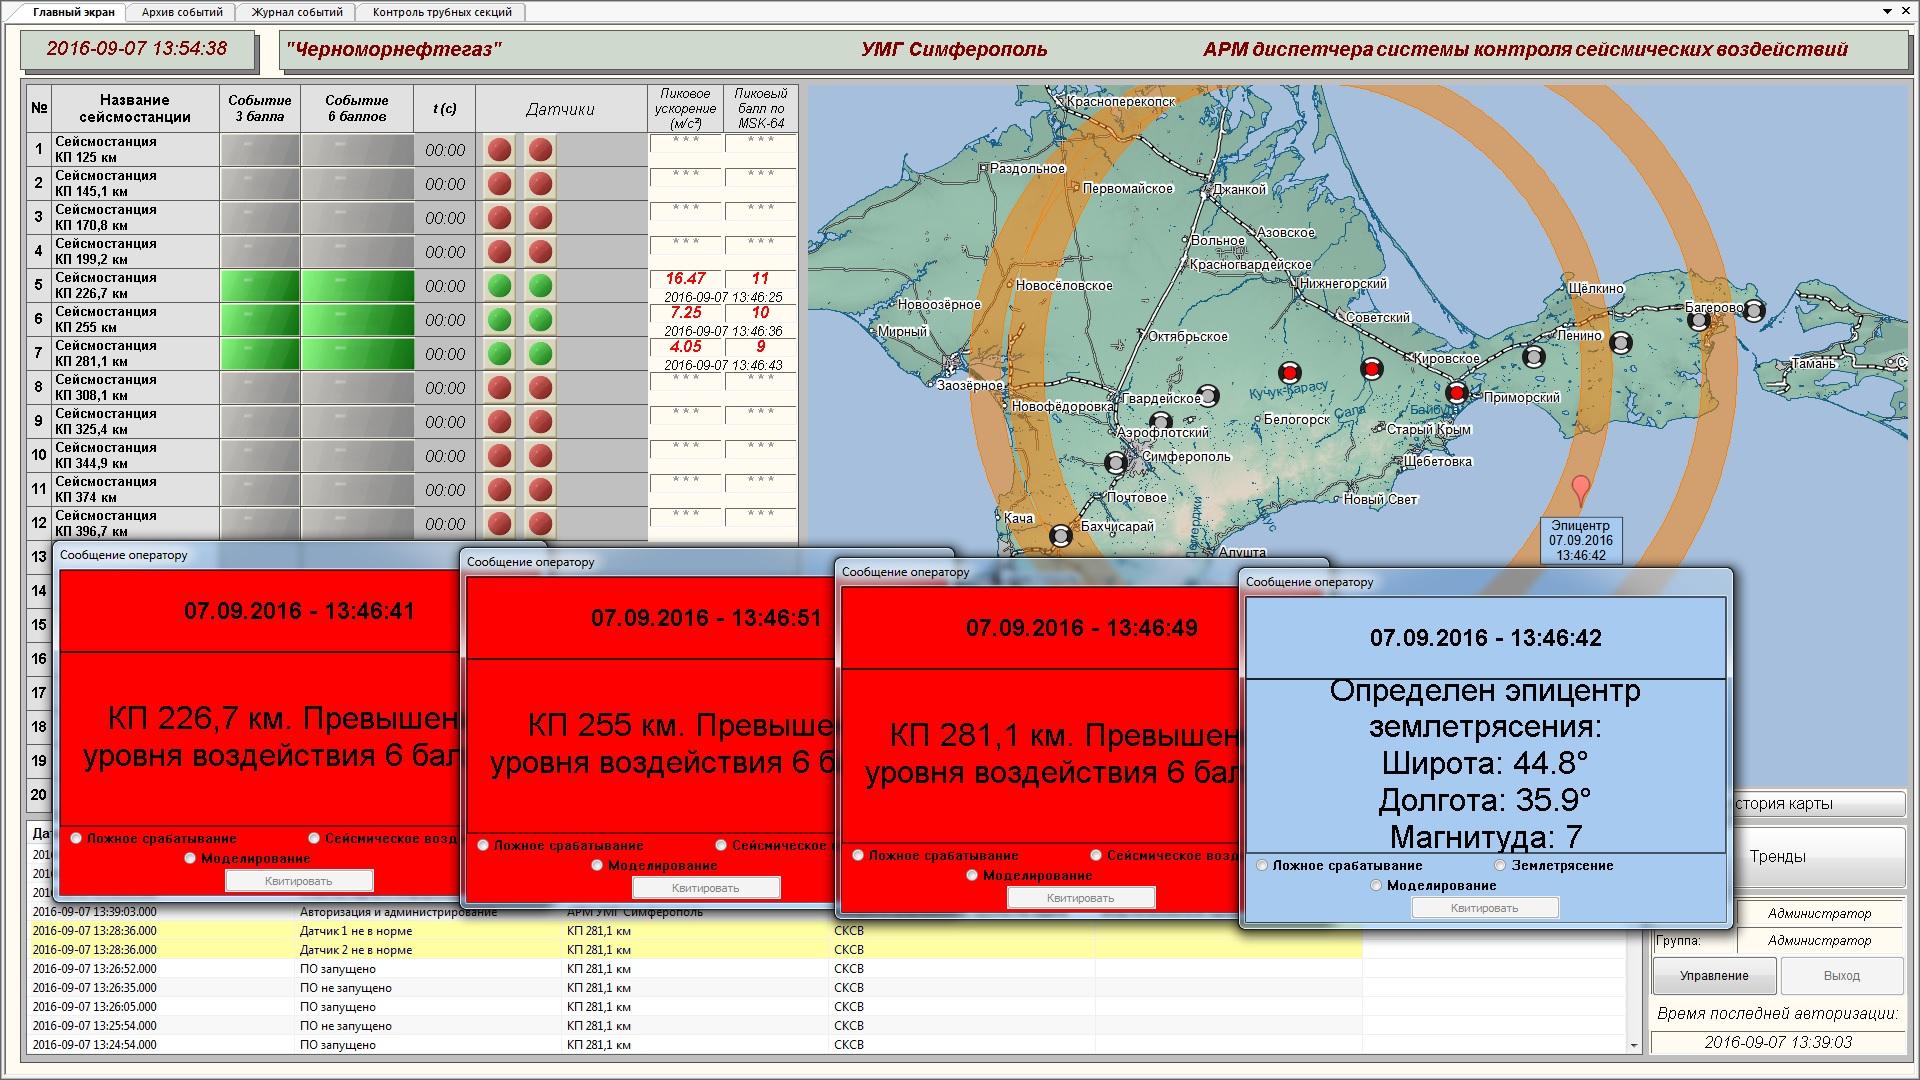 Землетрясение с эпицентром в точке 44.8° с.ш. 35.8° в.д. и глубиной 15 км, магнитуда 7